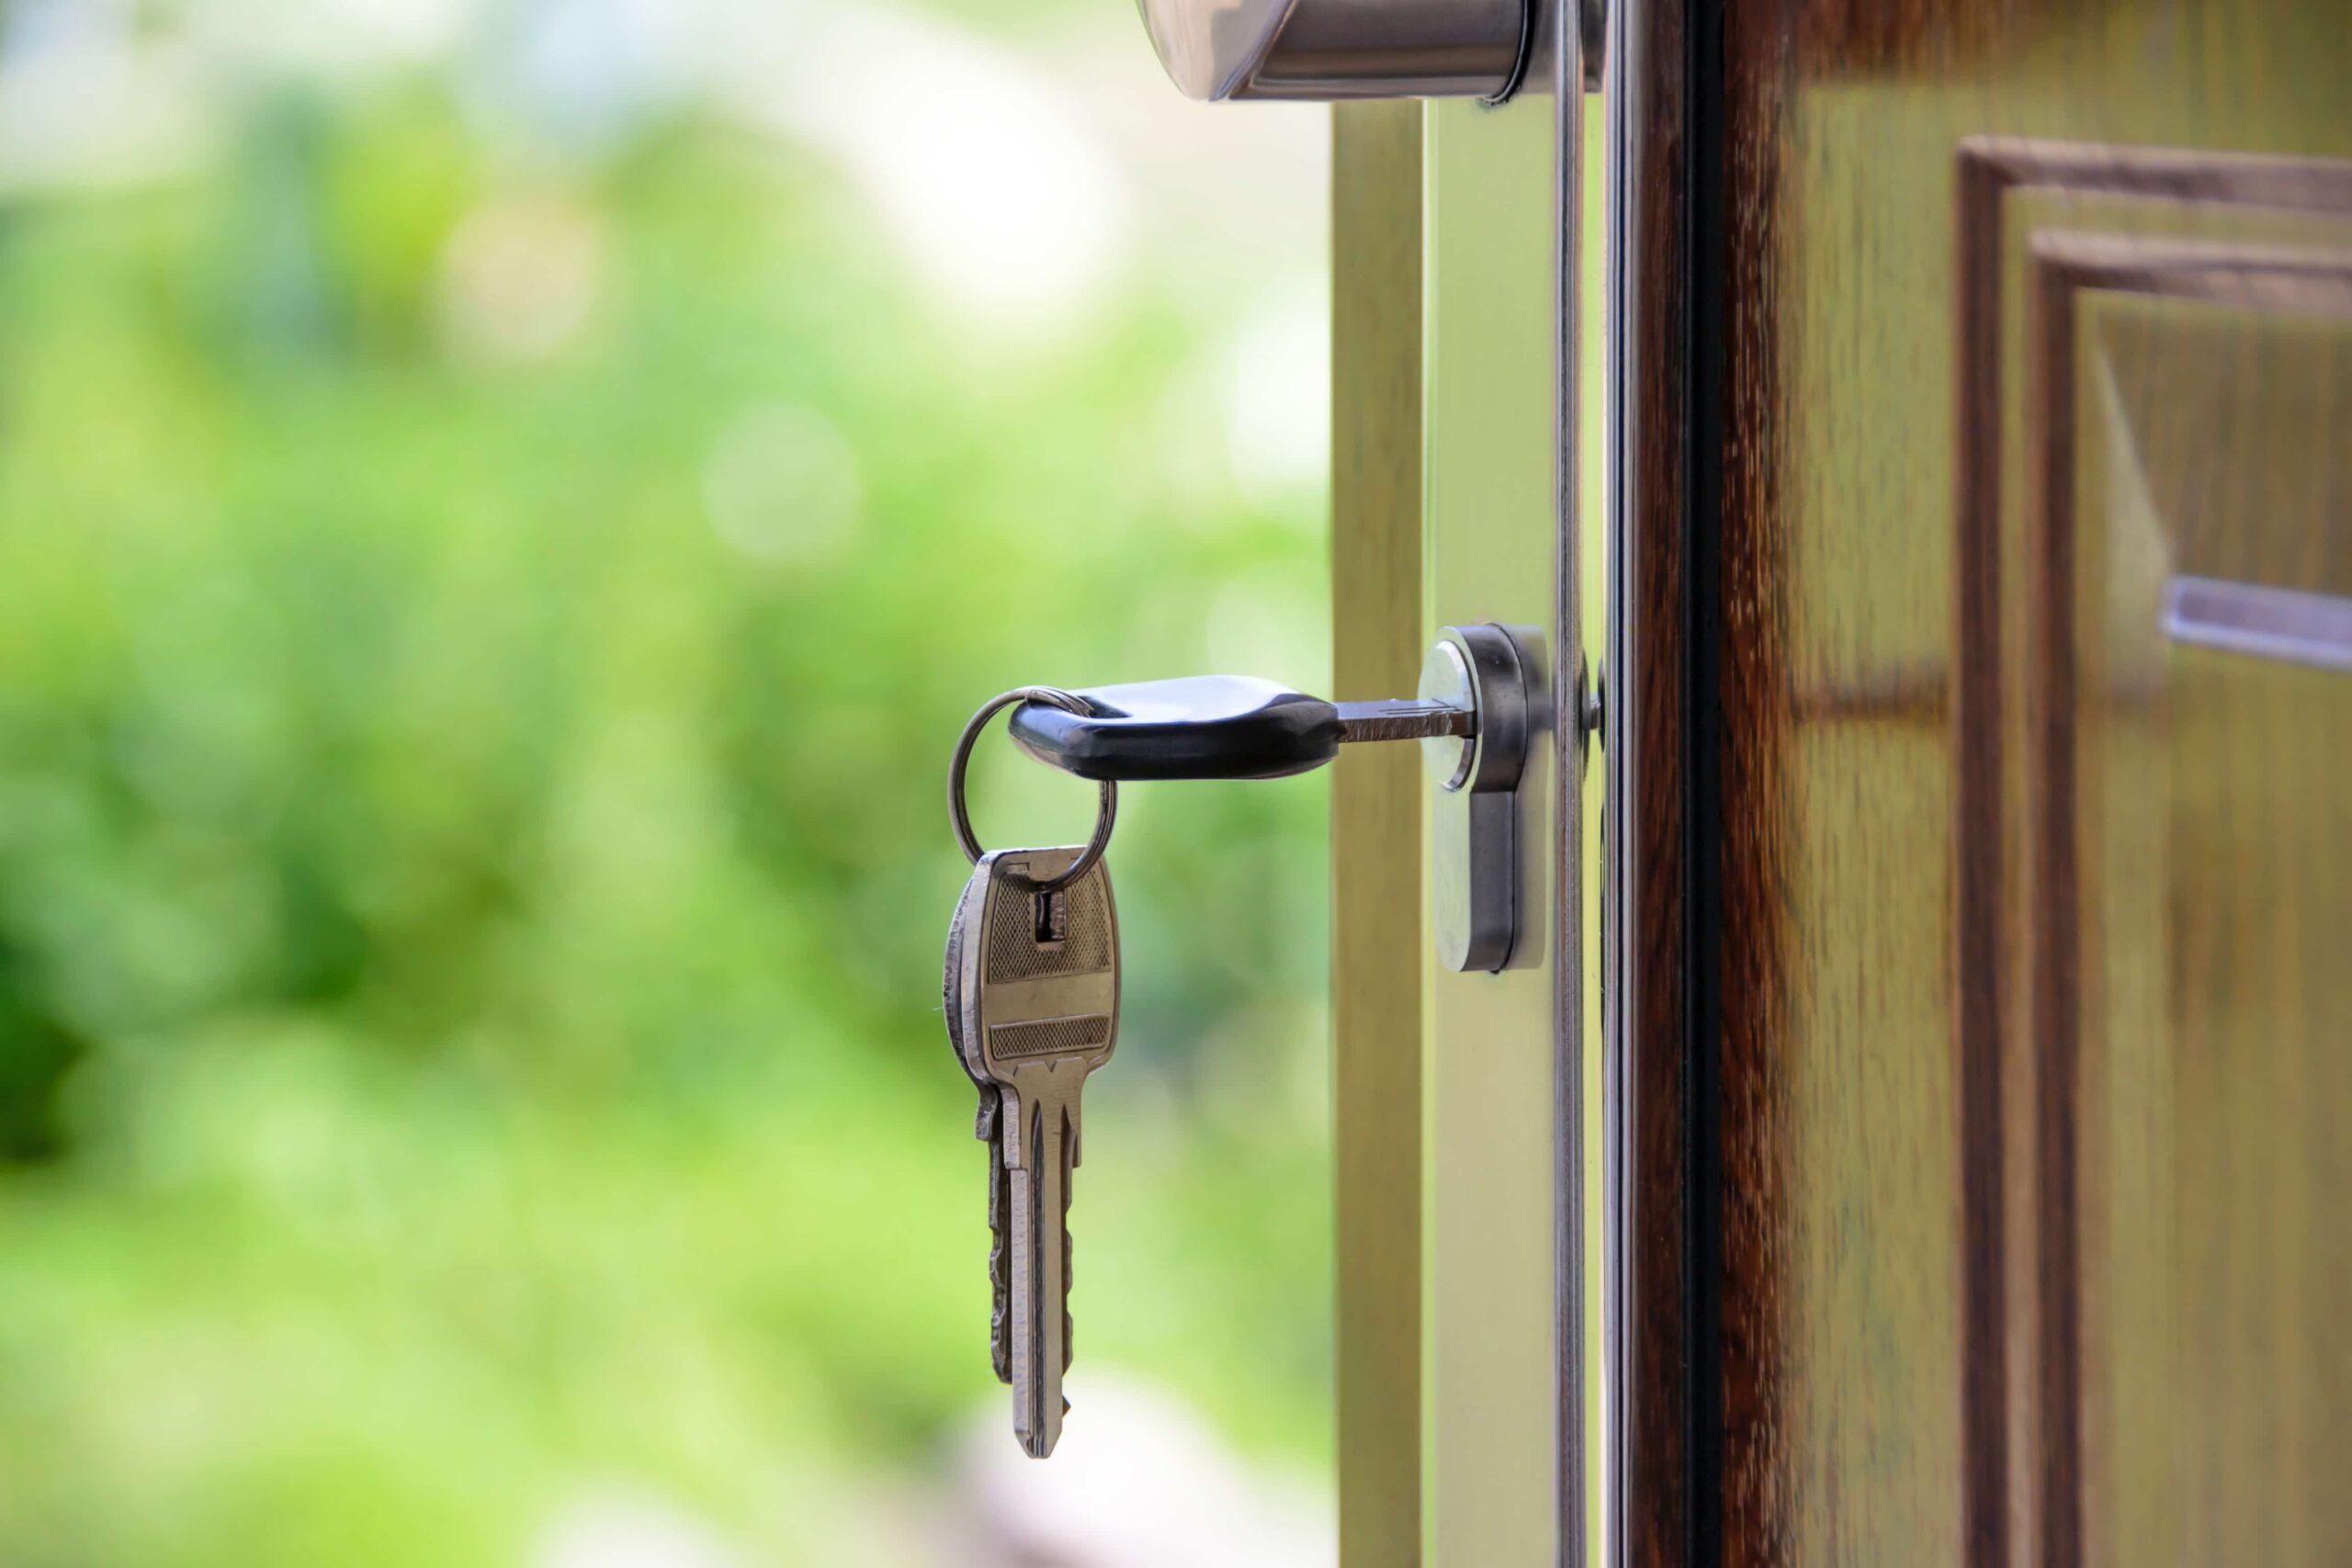 Qual è l'unico strumento di marketing immobiliare che lavora sia online che offline e convince sia l'acquirente che il venditore a scegliere te piuttosto che la concorrenza o peggio ancora fare da soli?